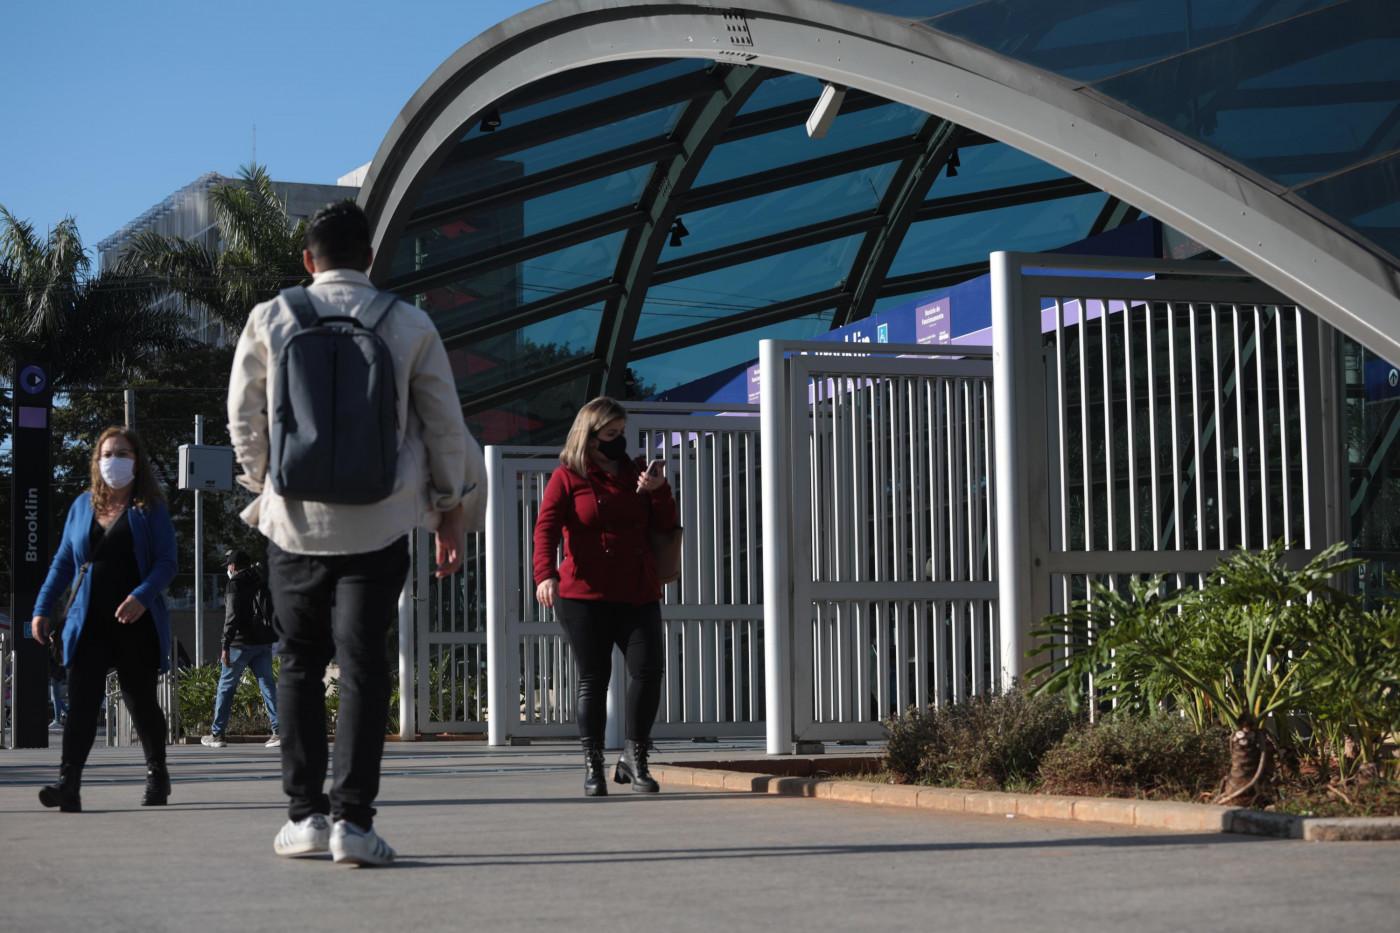 Pessoas caminhando com roupas de frio